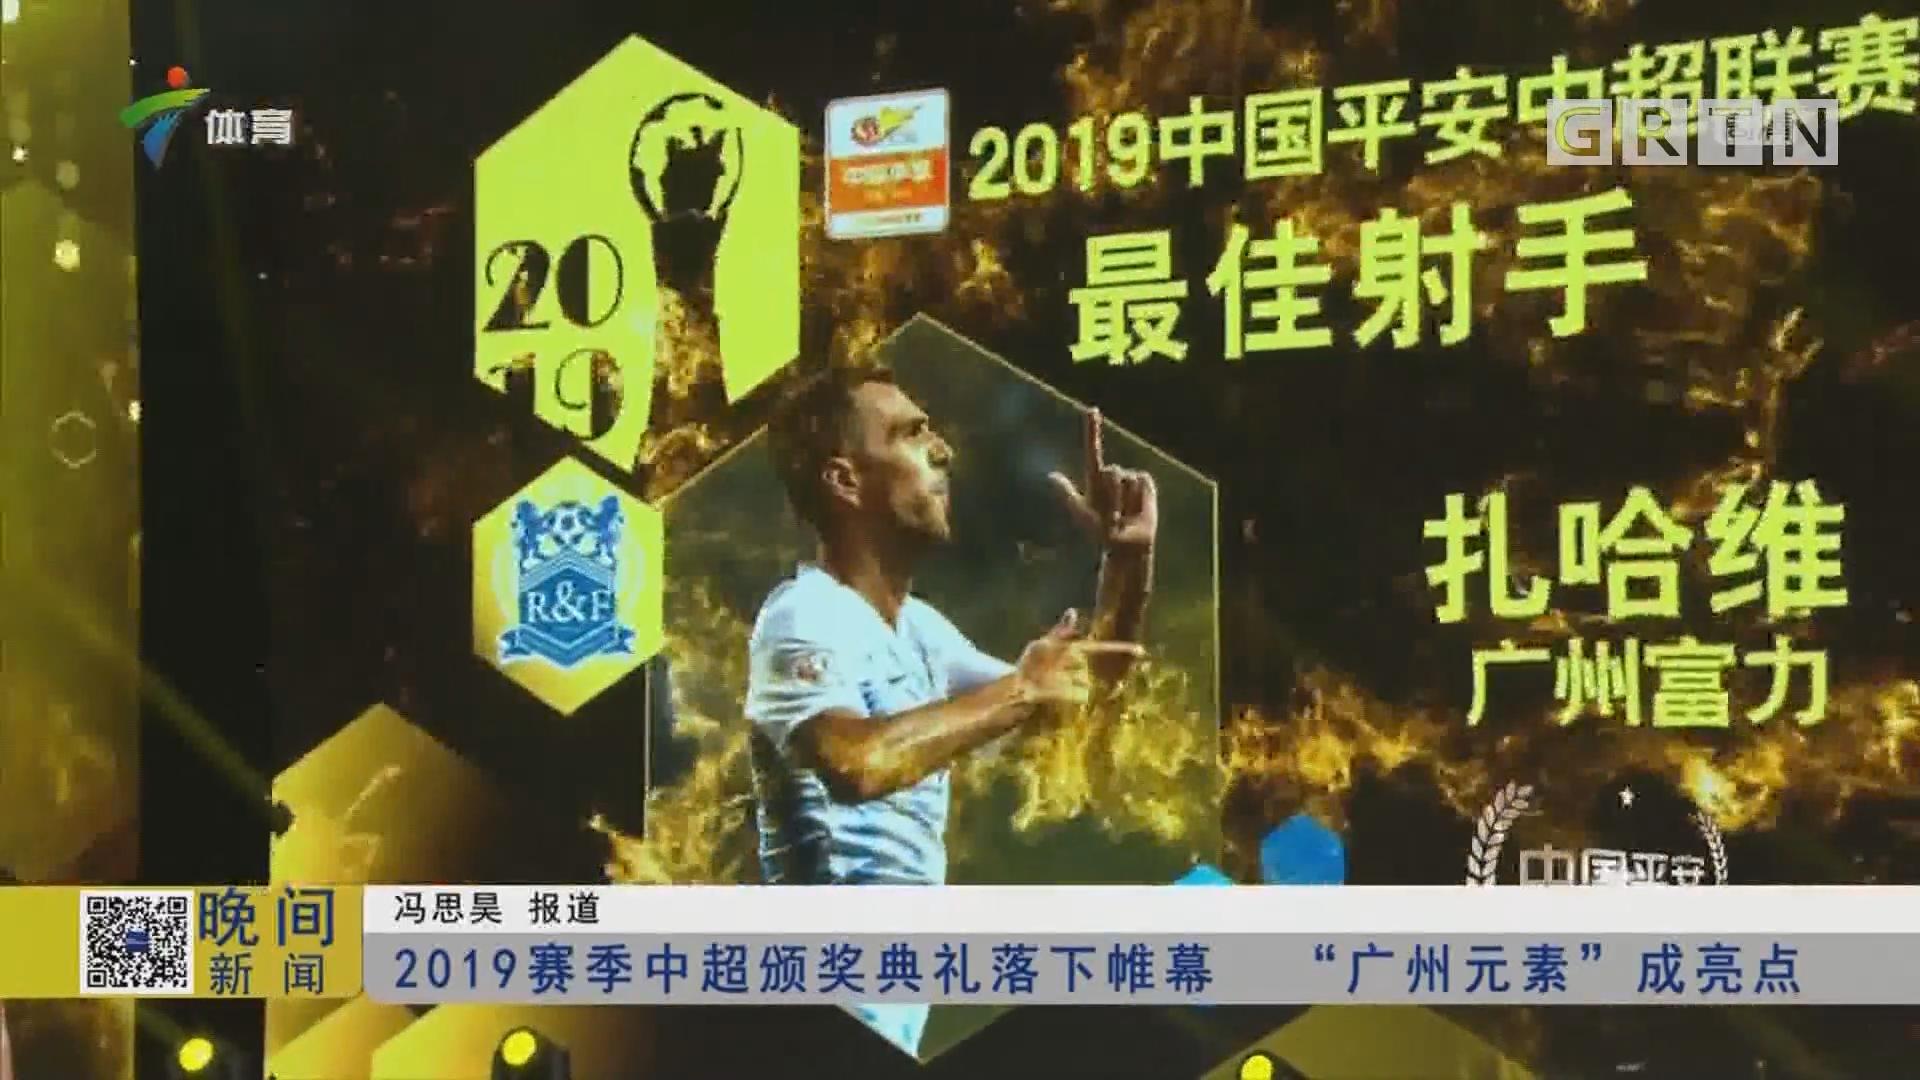 """2019赛季中超颁奖典礼落下帷幕 """"广州元素""""成亮点"""